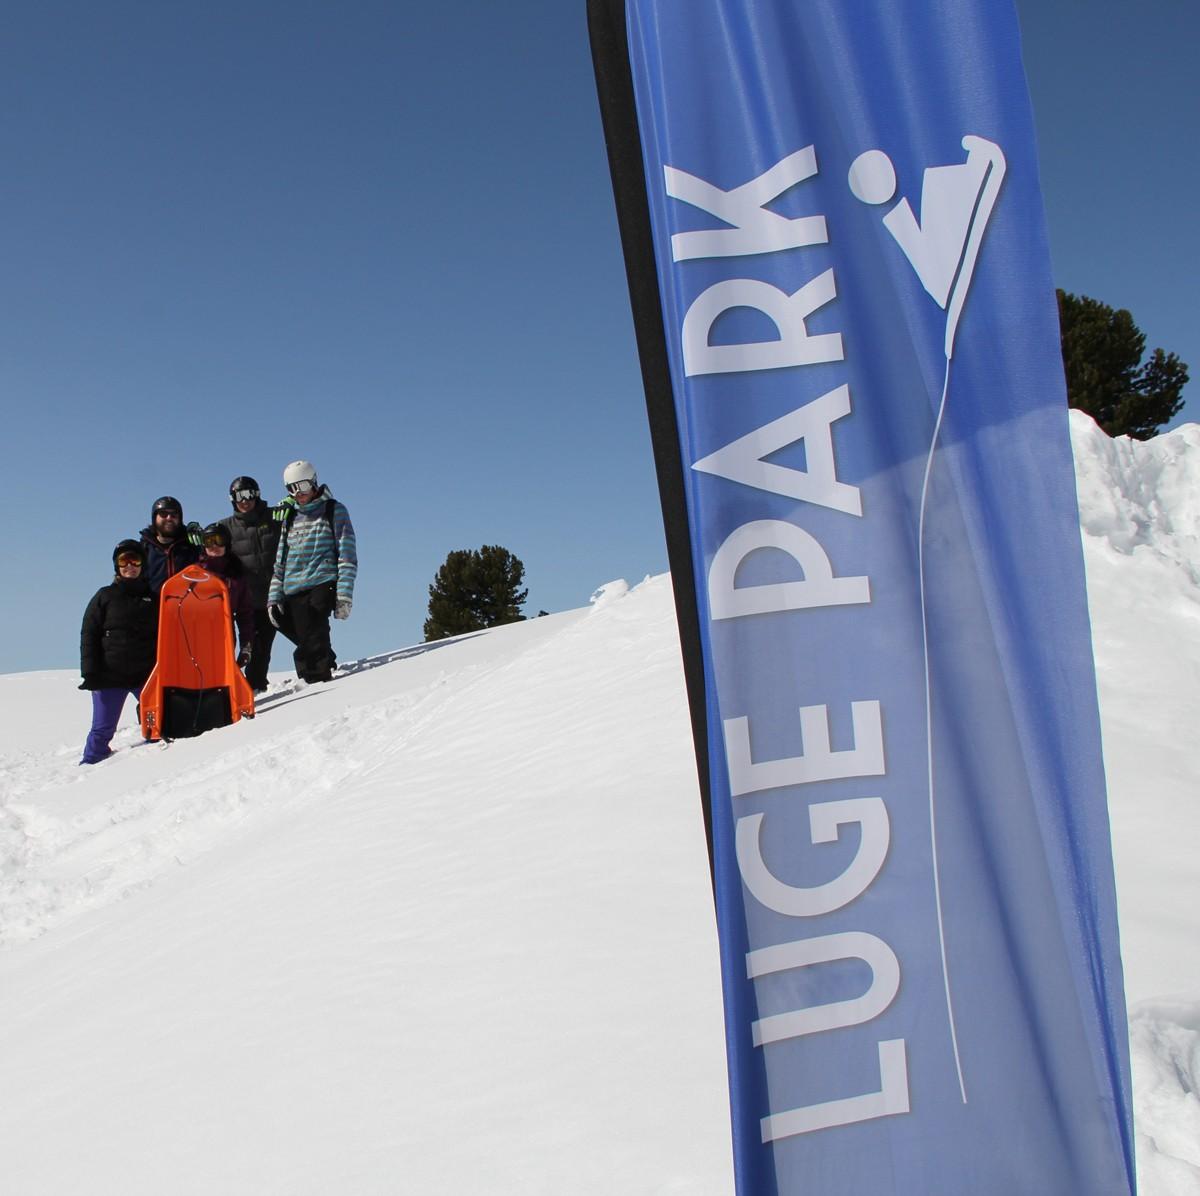 Chamrousse Luge Park entre amis station ski hiver isère alpes france